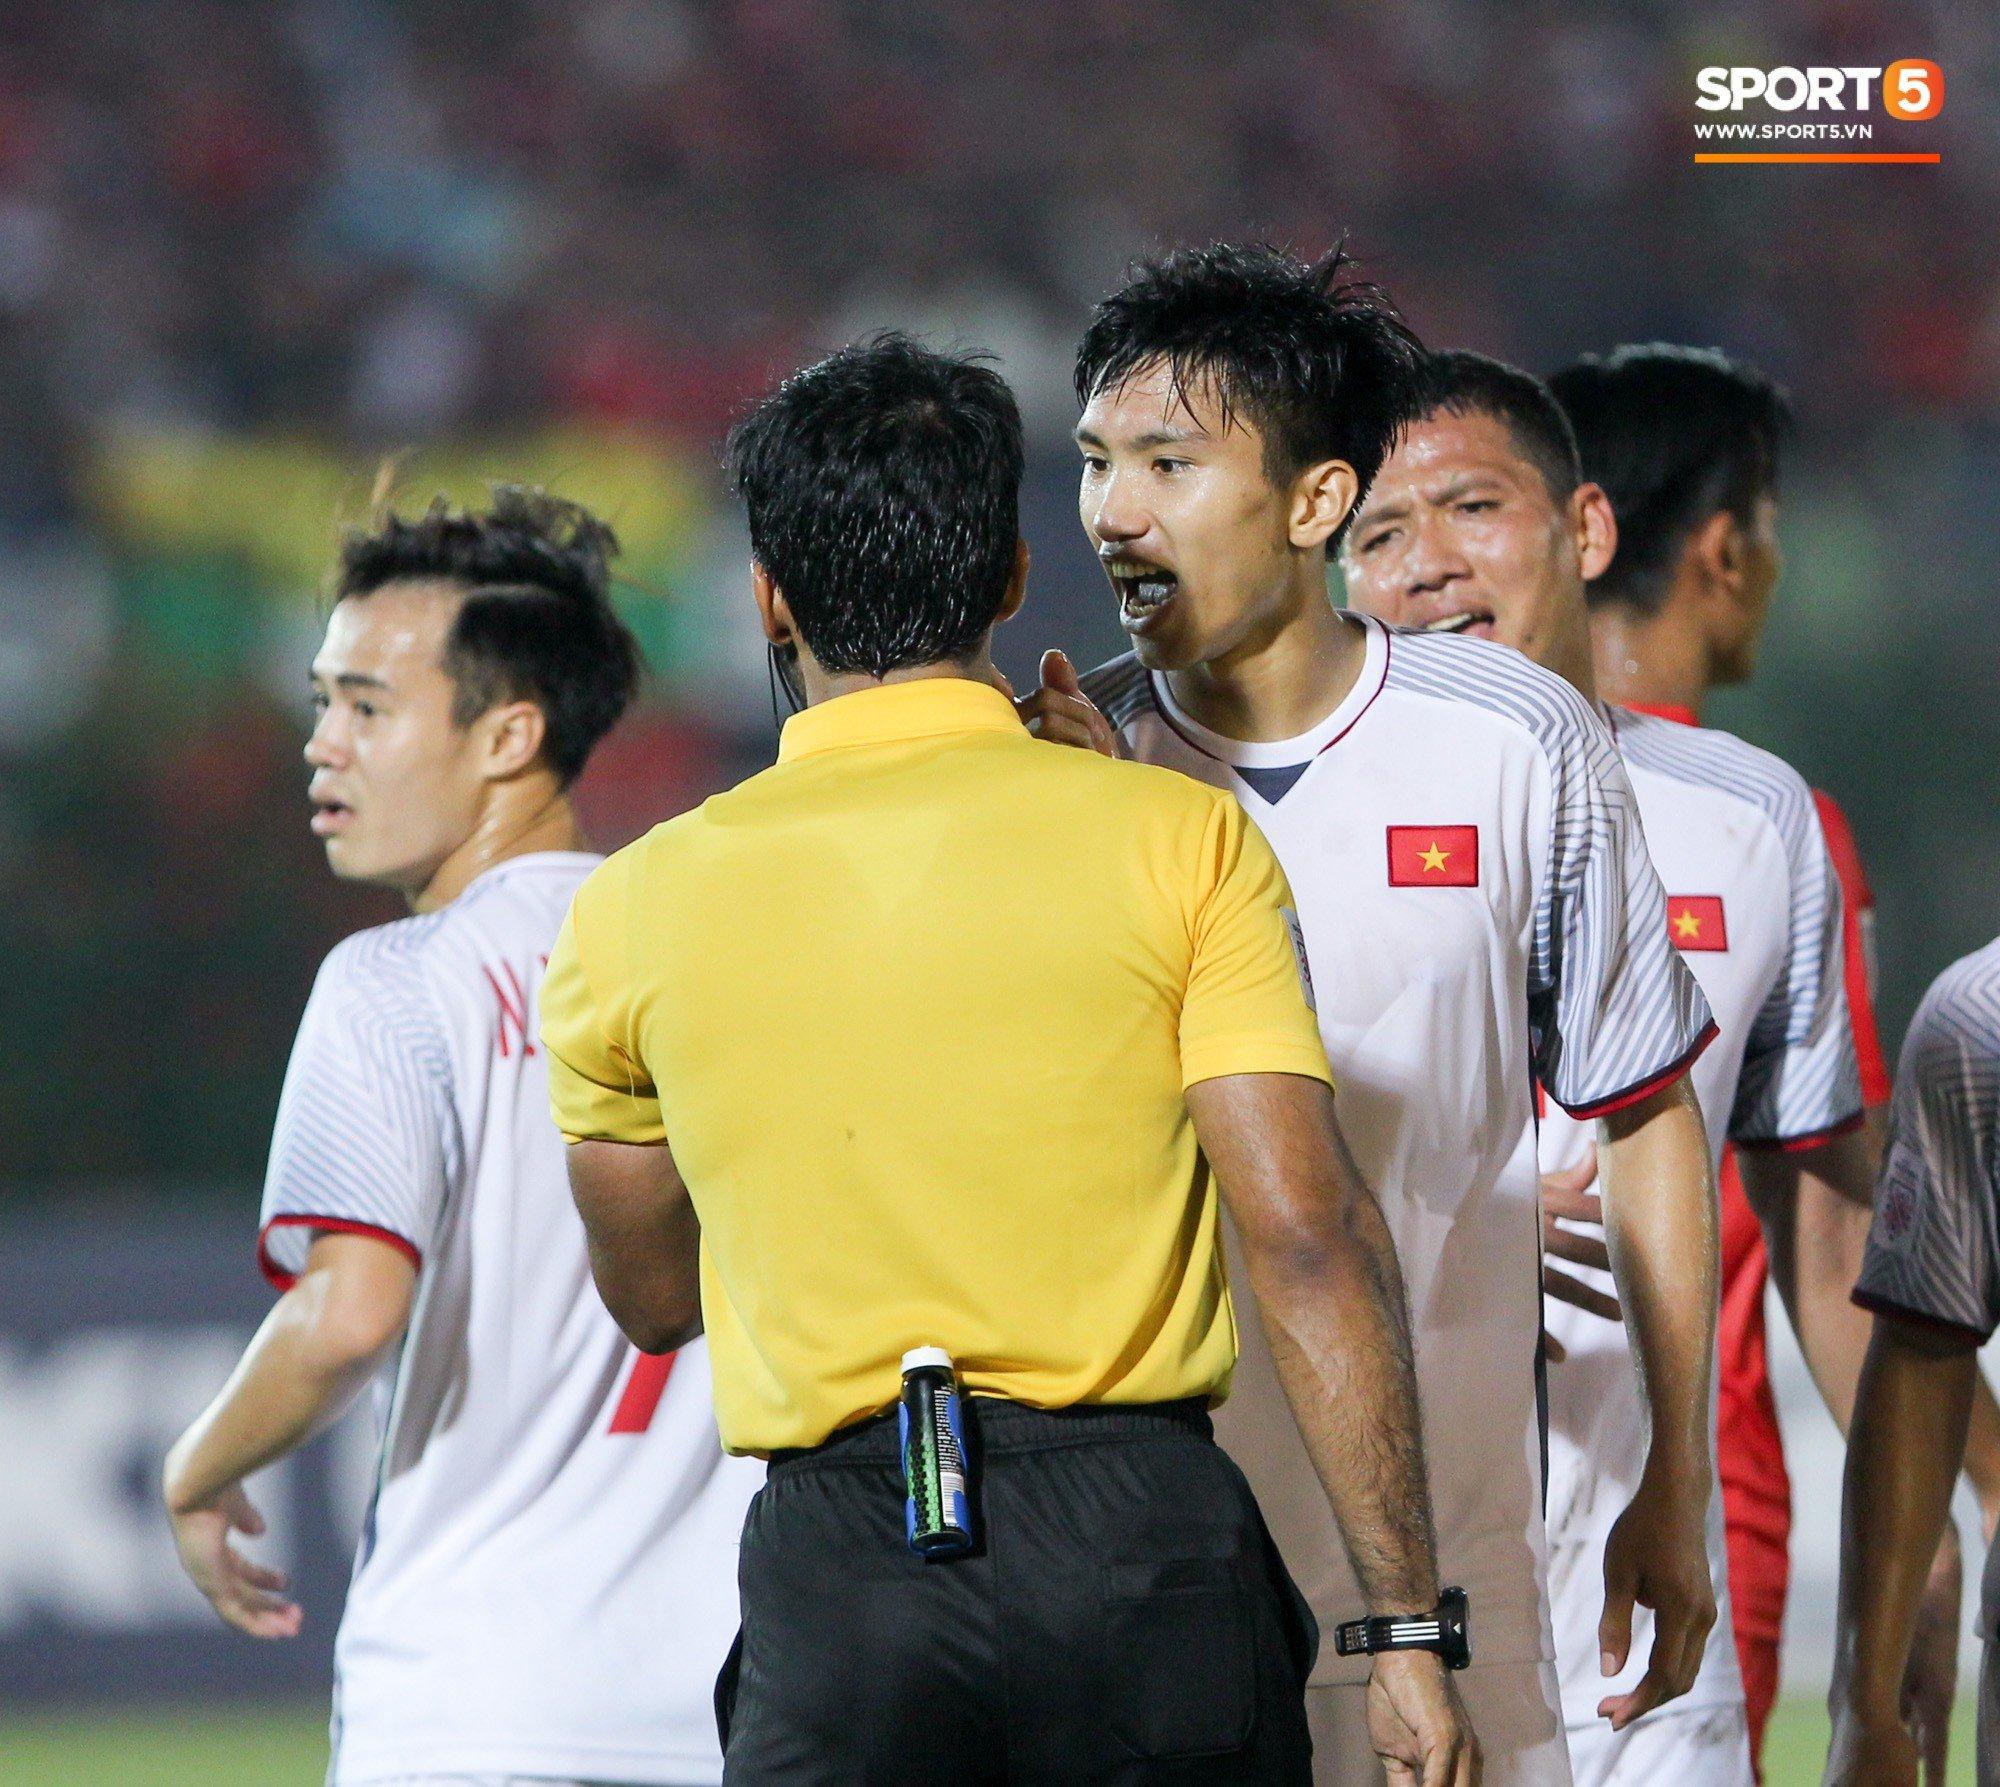 Đoàn Văn Hậu bất mãn, chỉ thẳng mặt trọng tài chính trận Myanmar vs Việt Nam 2